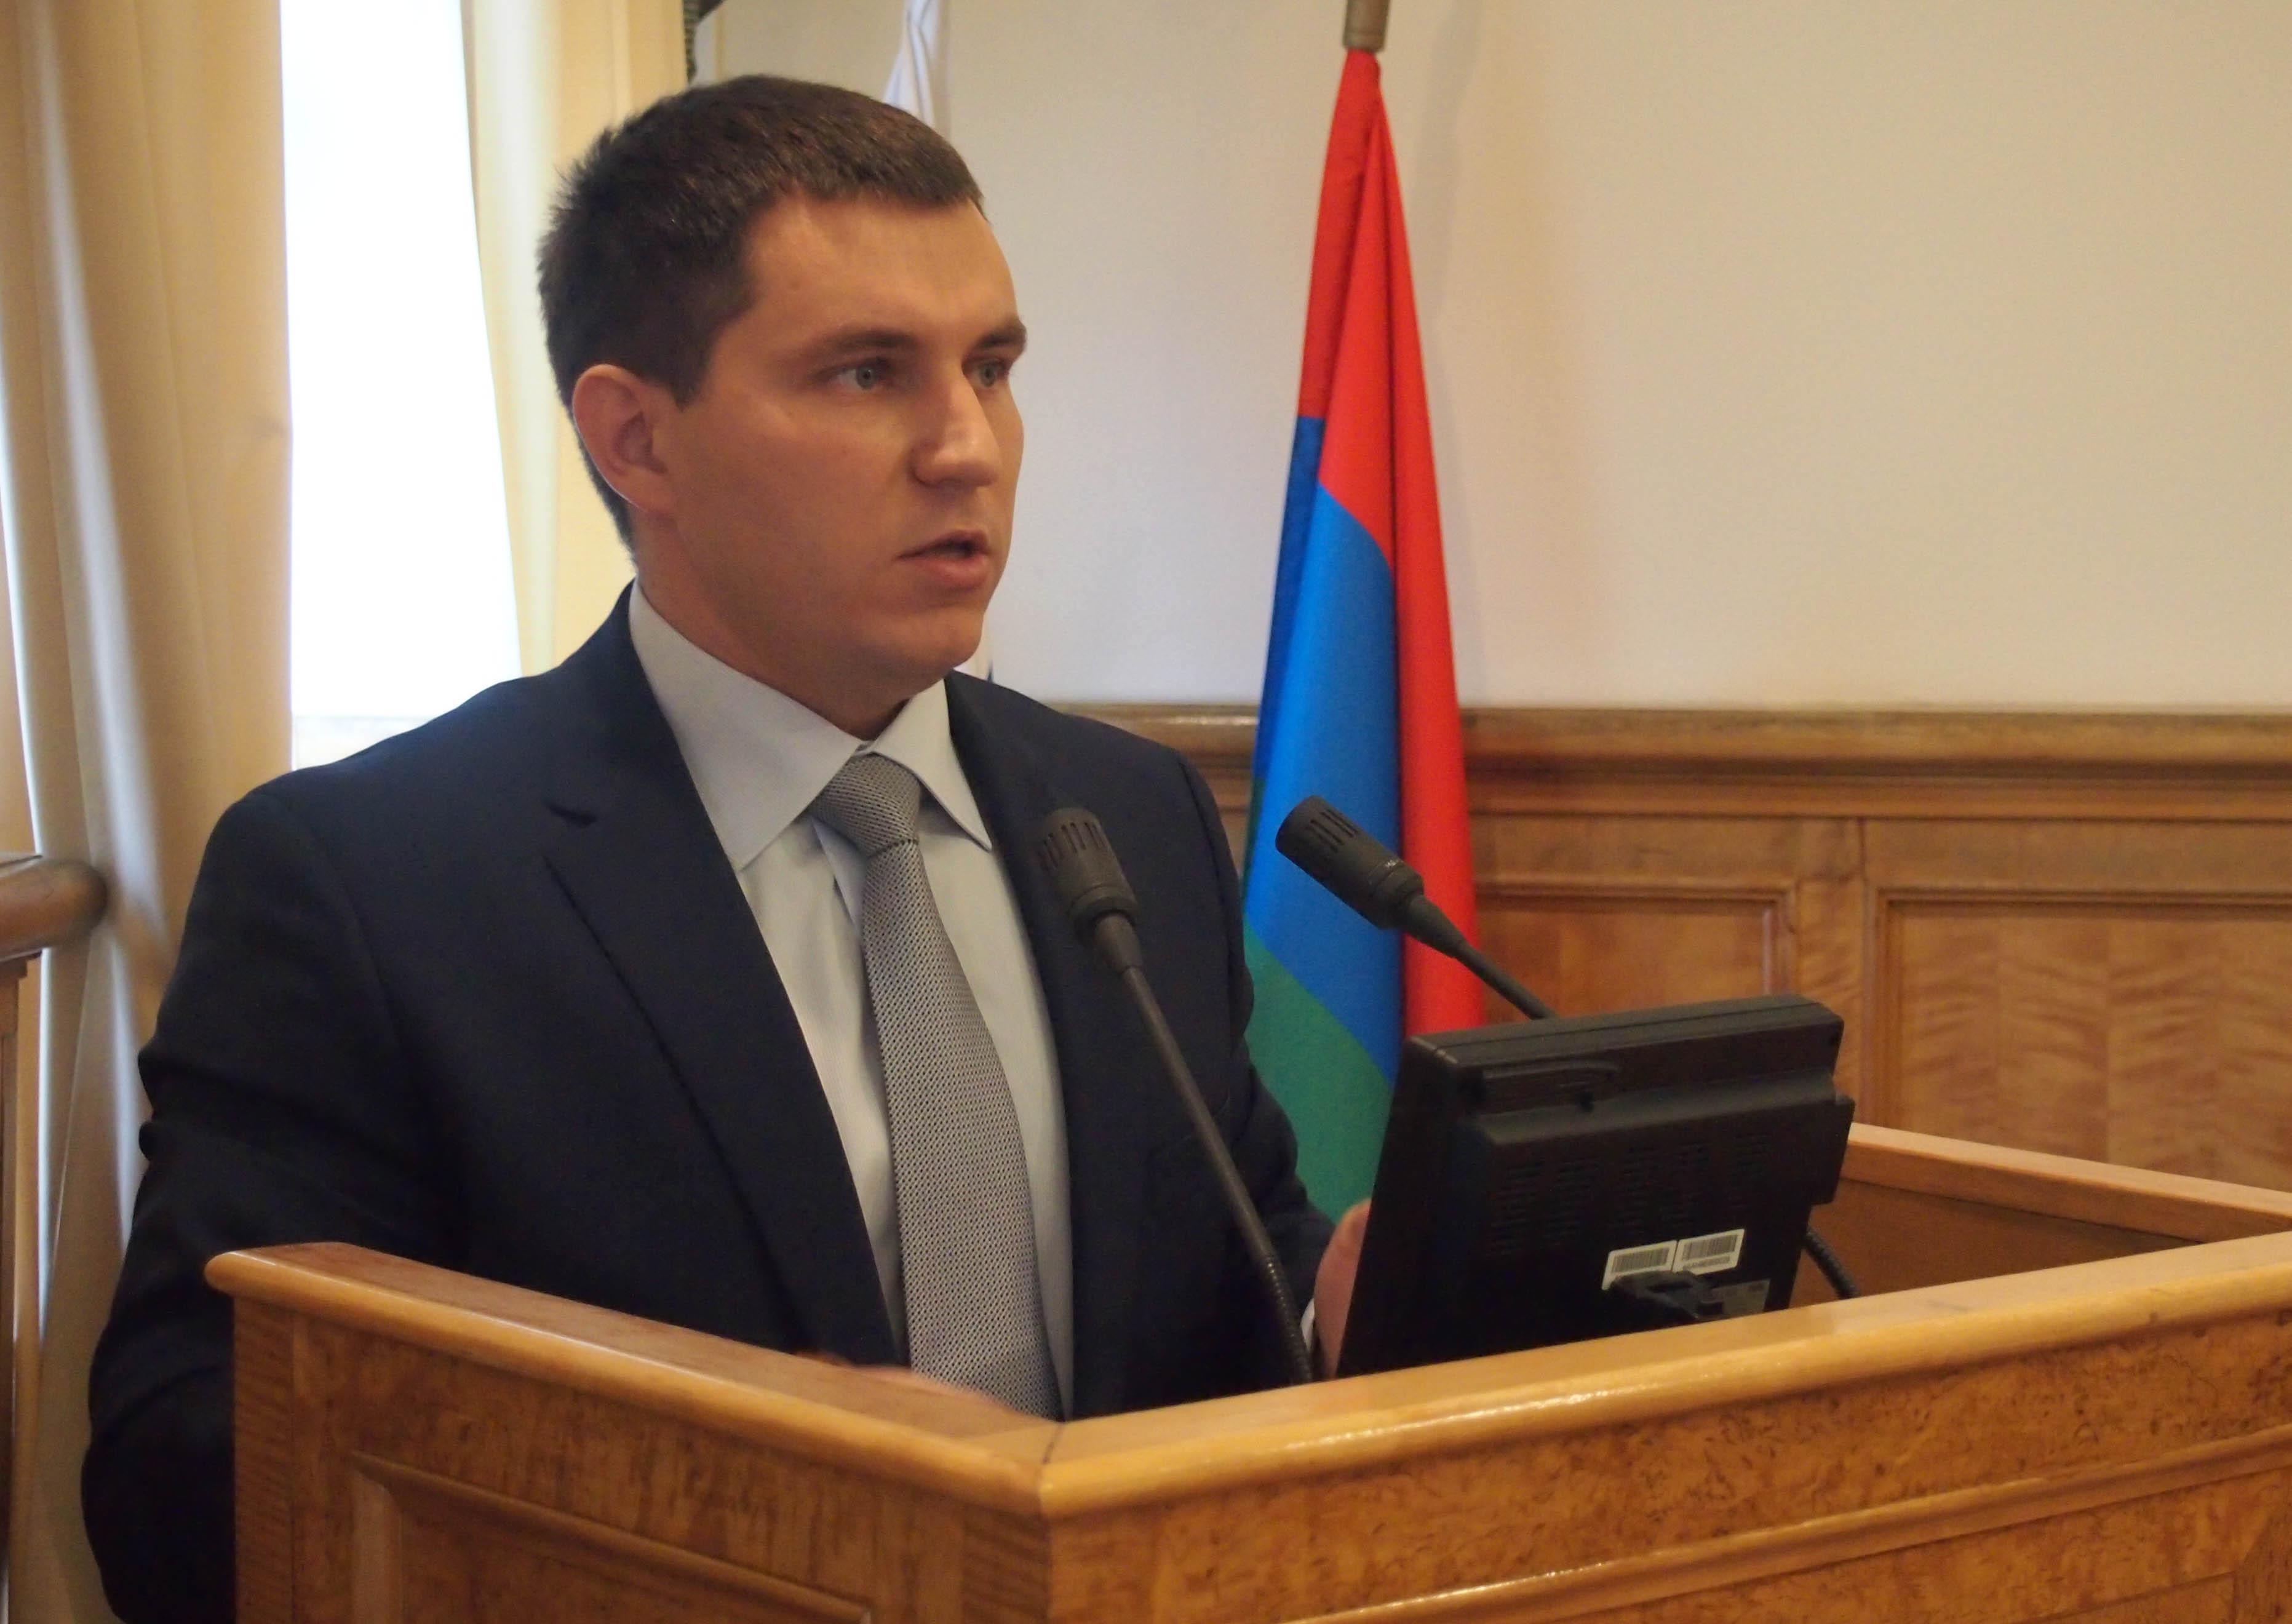 Сергей Максимов считает, что в случае принятия закона землю придется бесплатно предоставить половине населения Карелии. Фото: Валерий Поташов